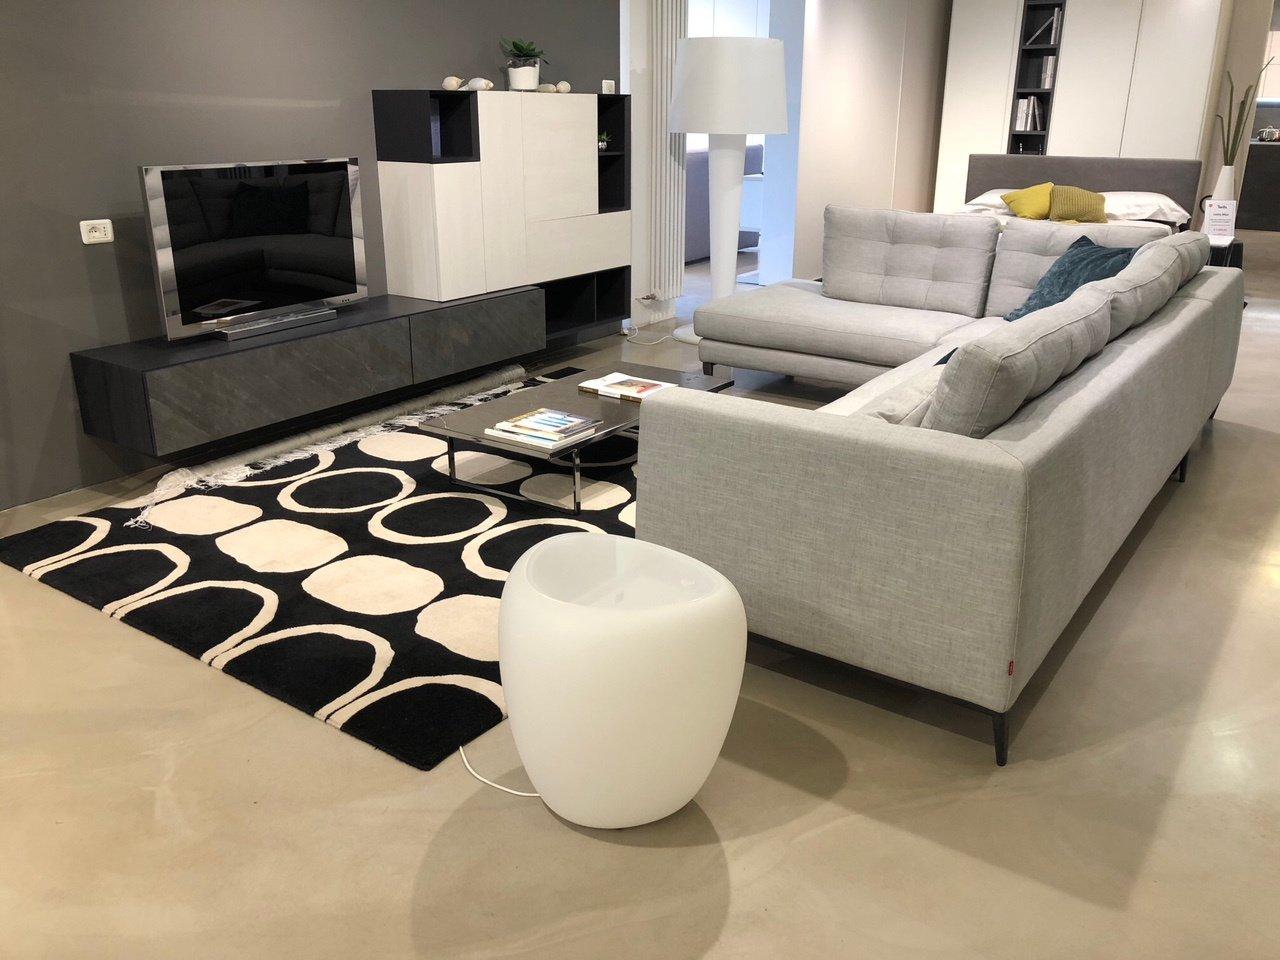 Arredamento per abitazioni | Verona | Ambienti Smith